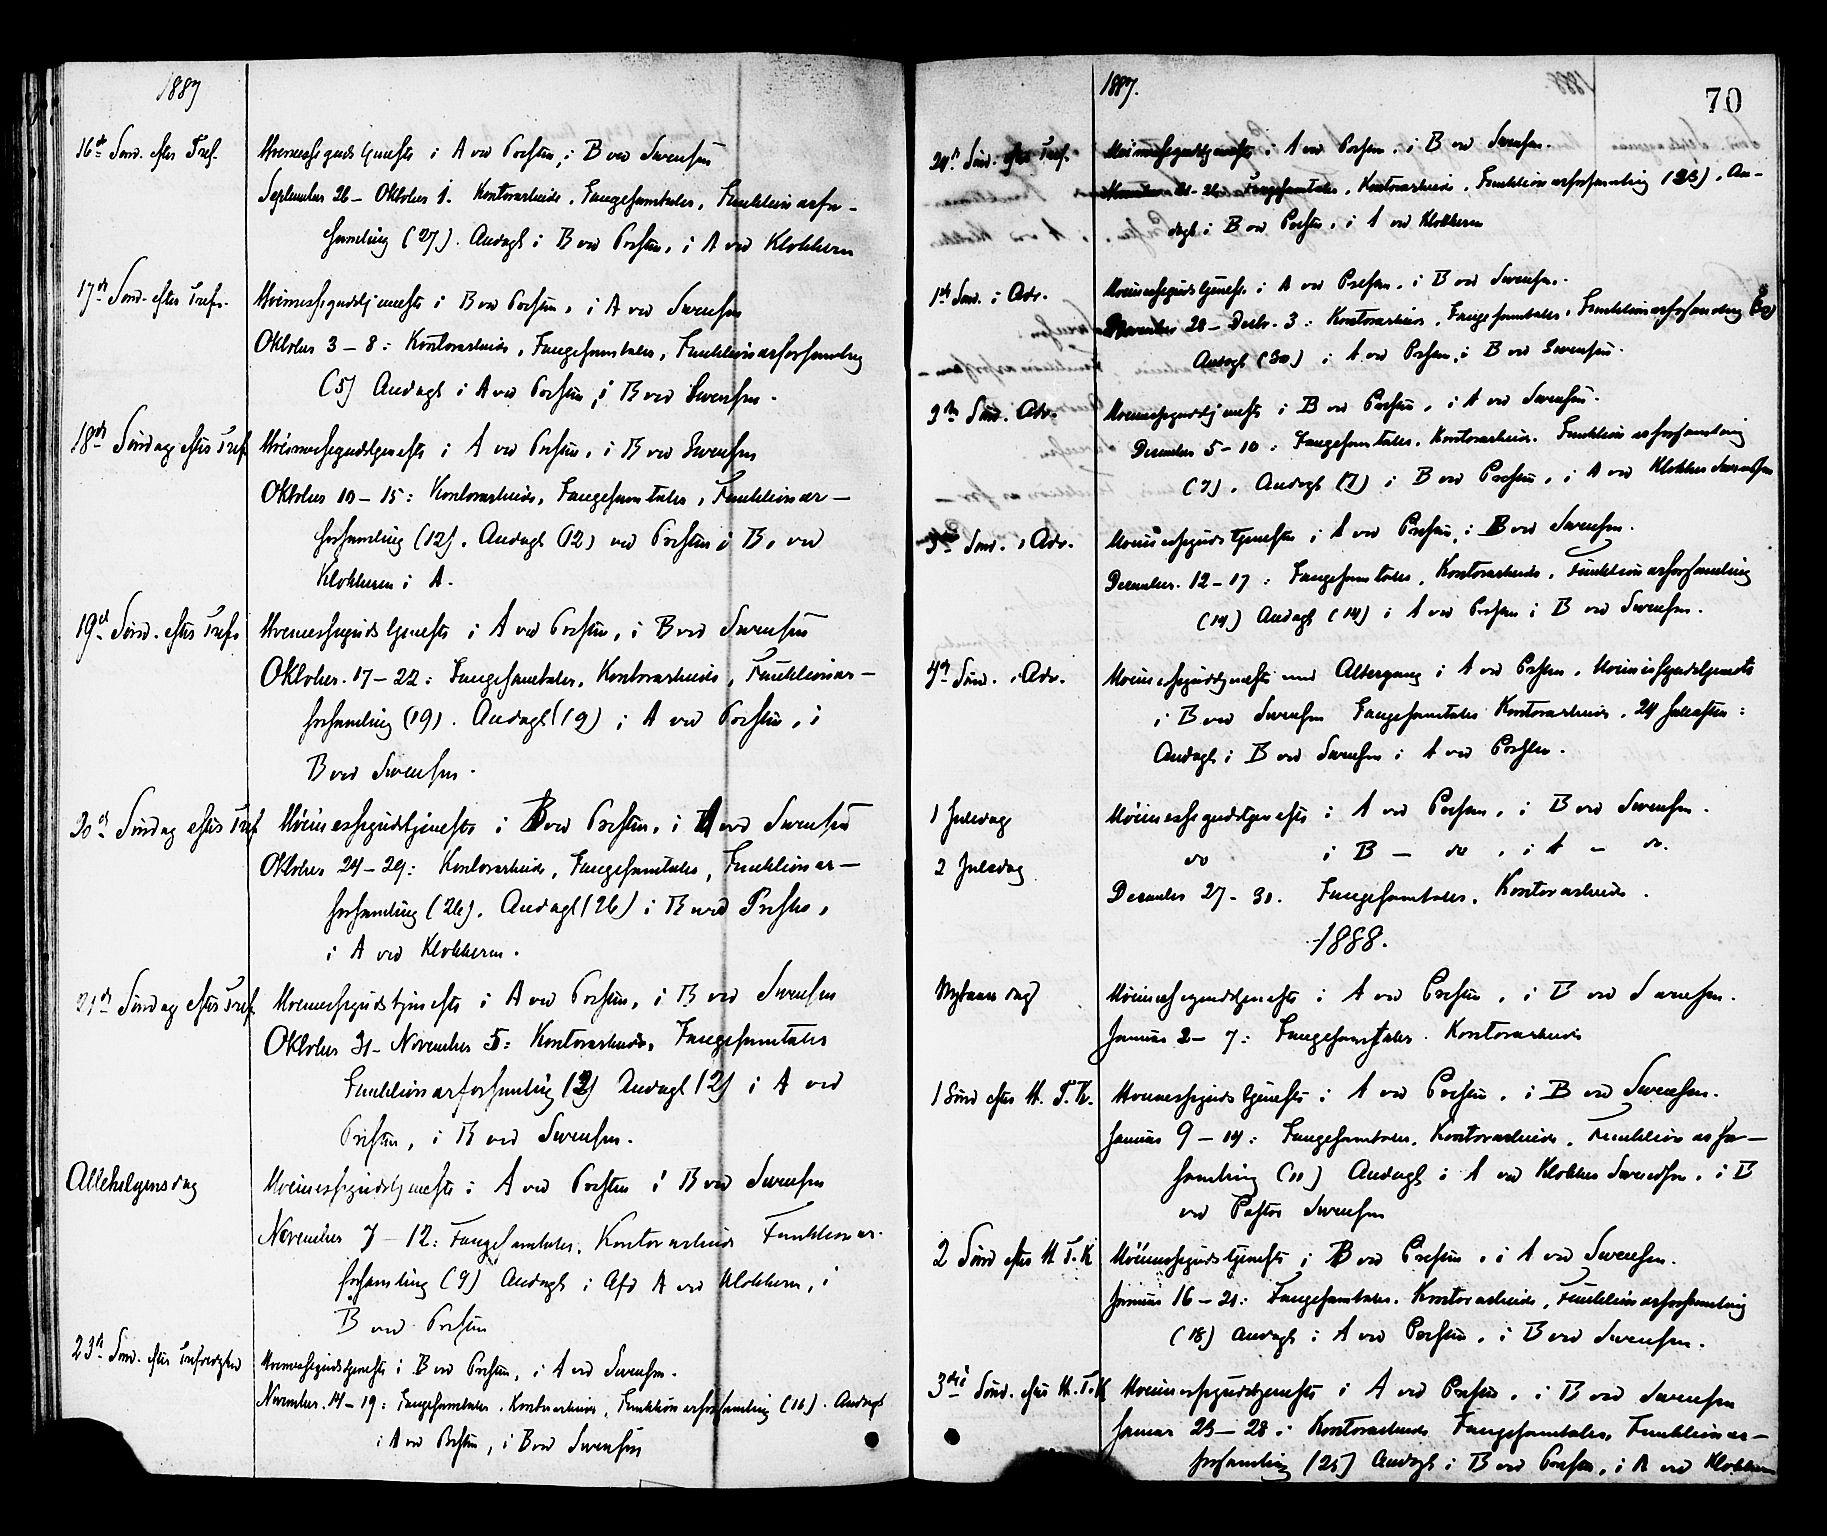 SAT, Ministerialprotokoller, klokkerbøker og fødselsregistre - Sør-Trøndelag, 624/L0482: Ministerialbok nr. 624A03, 1870-1918, s. 70